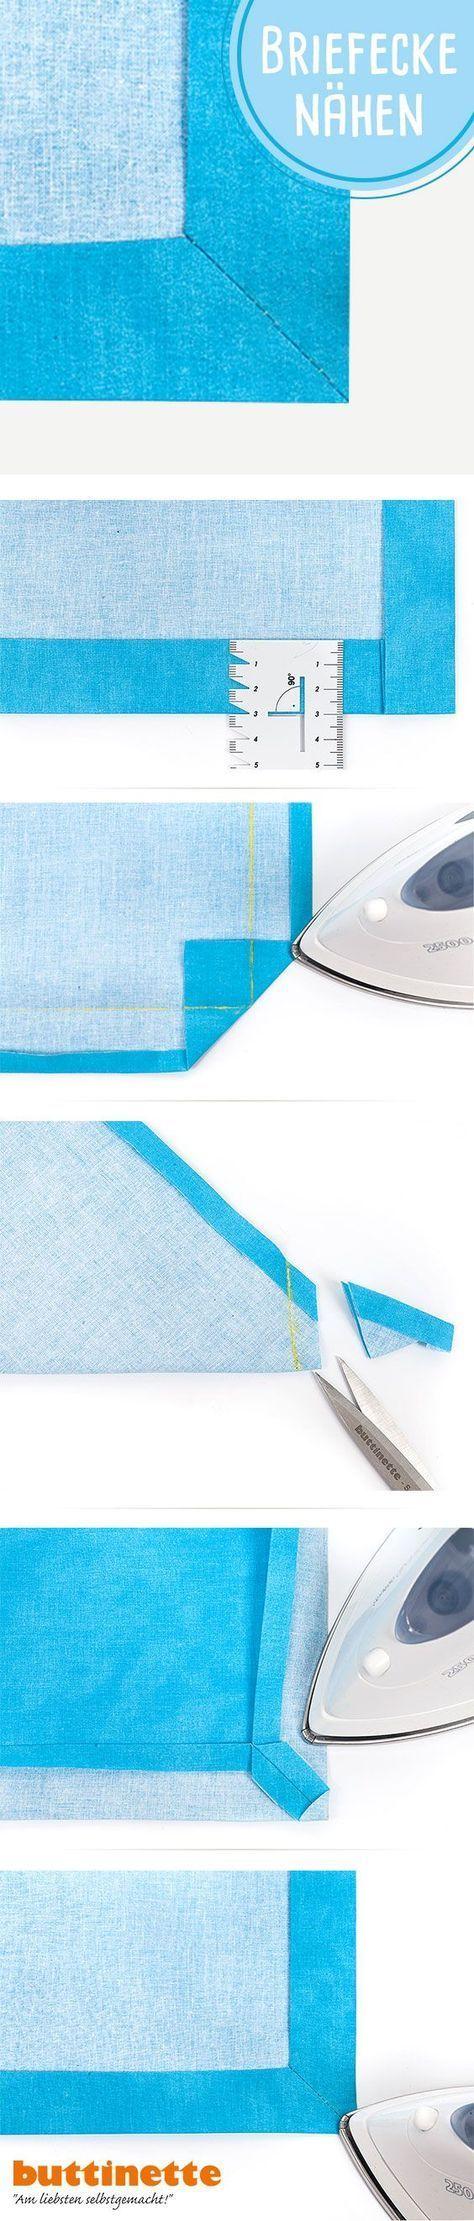 Nähtipp so näht ihr briefecken zum beispiel für tischdecken oder tischsets nähen